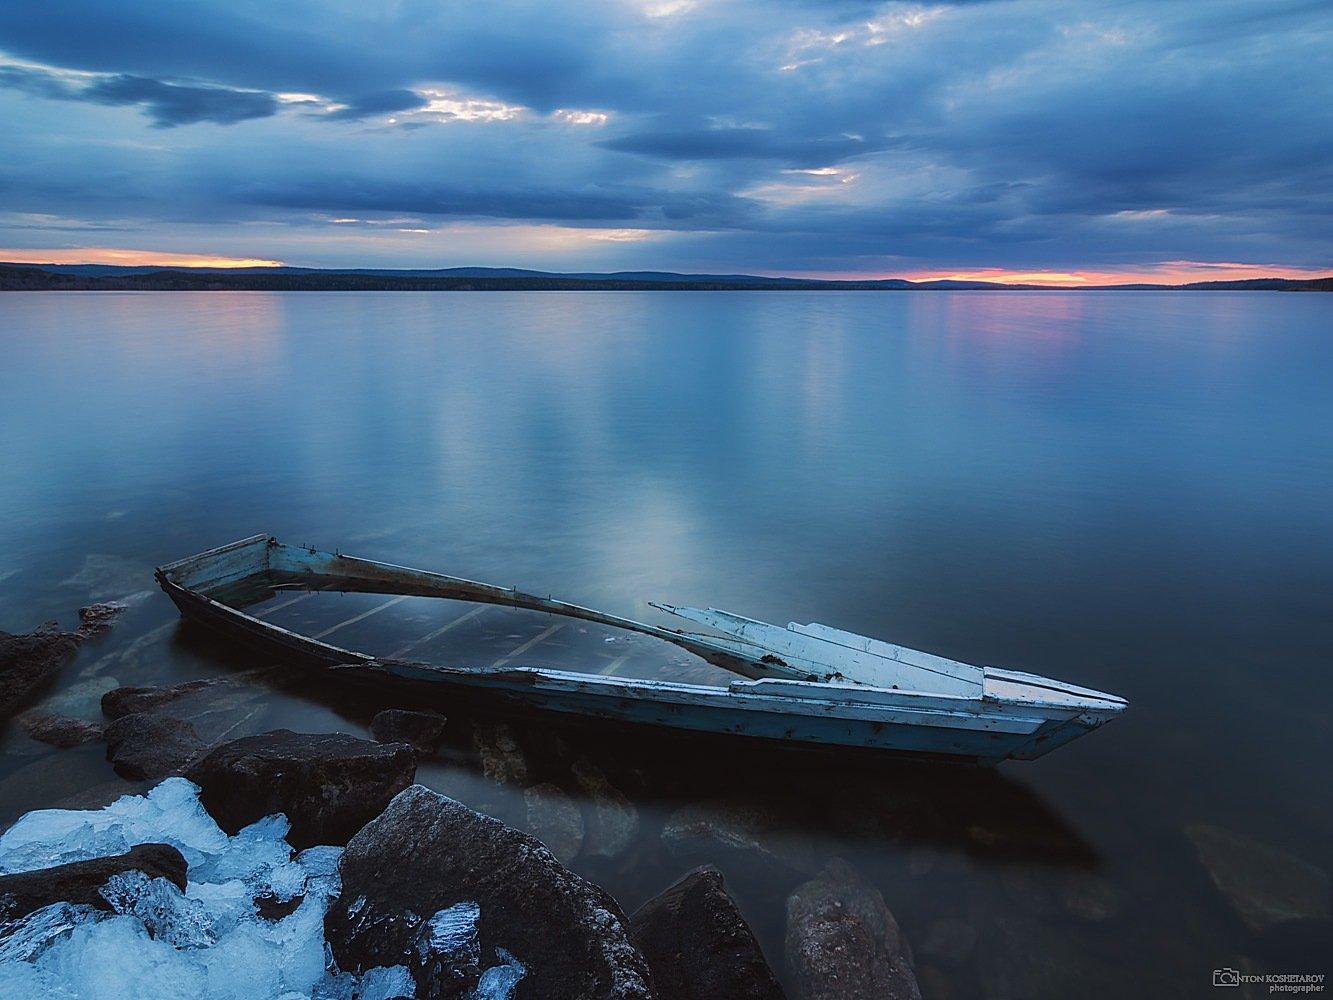 таватуй,лодка,закат,вода, небо, камни,отражение, Антон Кошетаров